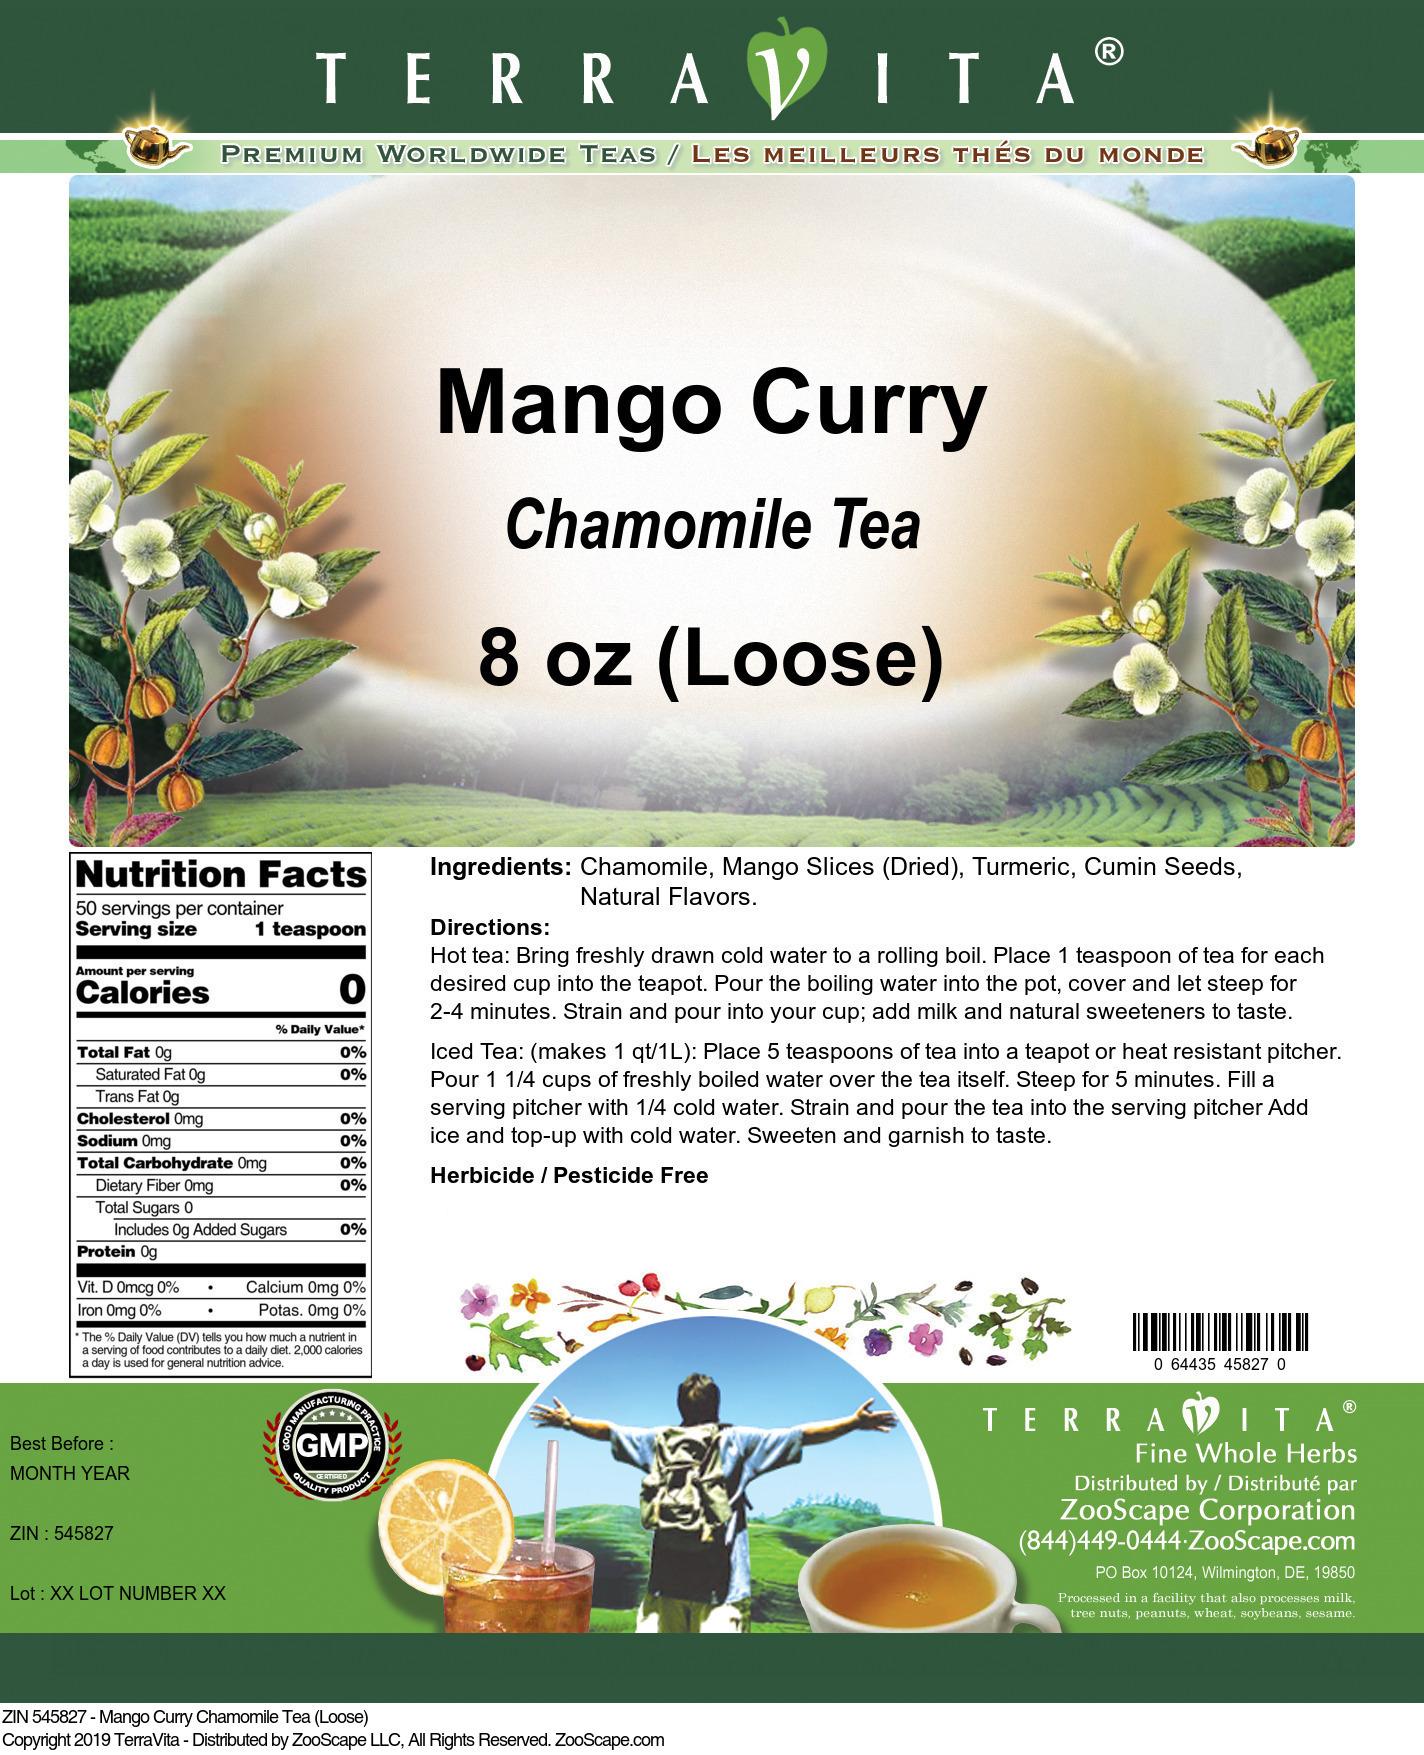 Mango Curry Chamomile Tea (Loose)